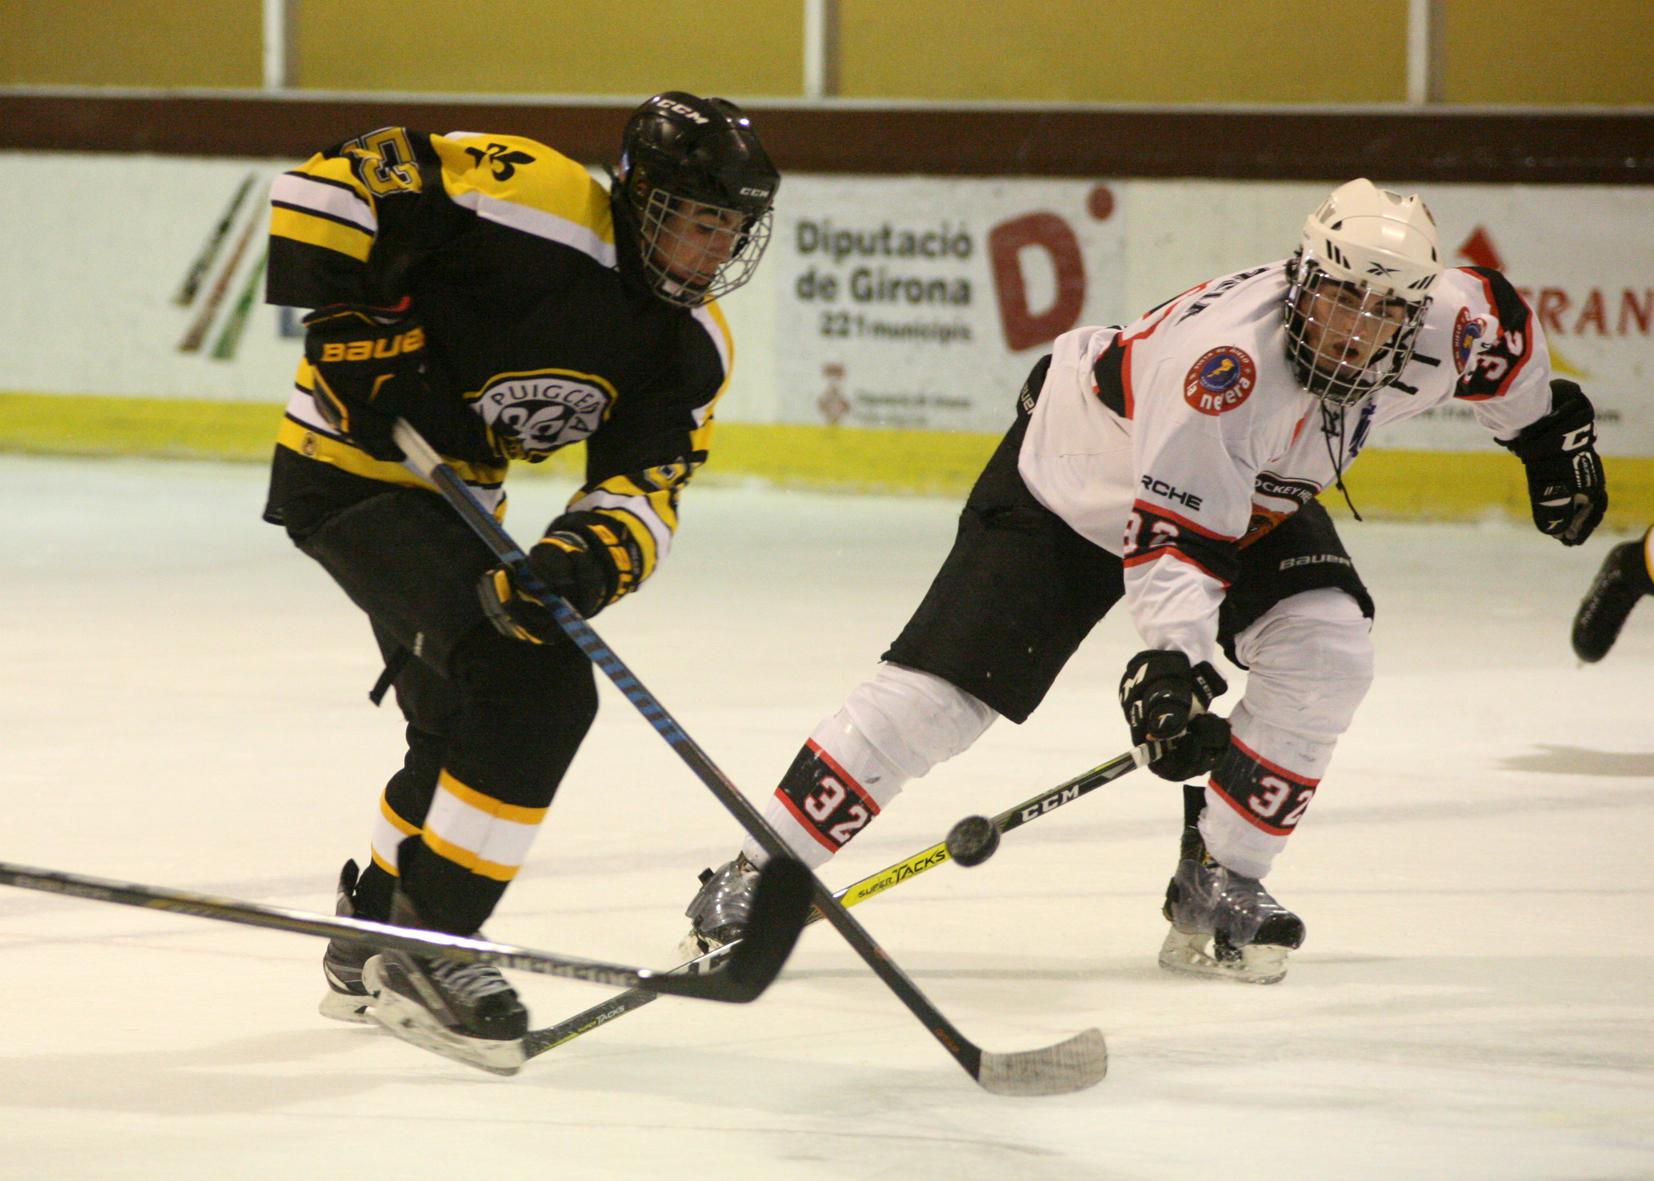 U20 foto hockeyphoto.net caap image